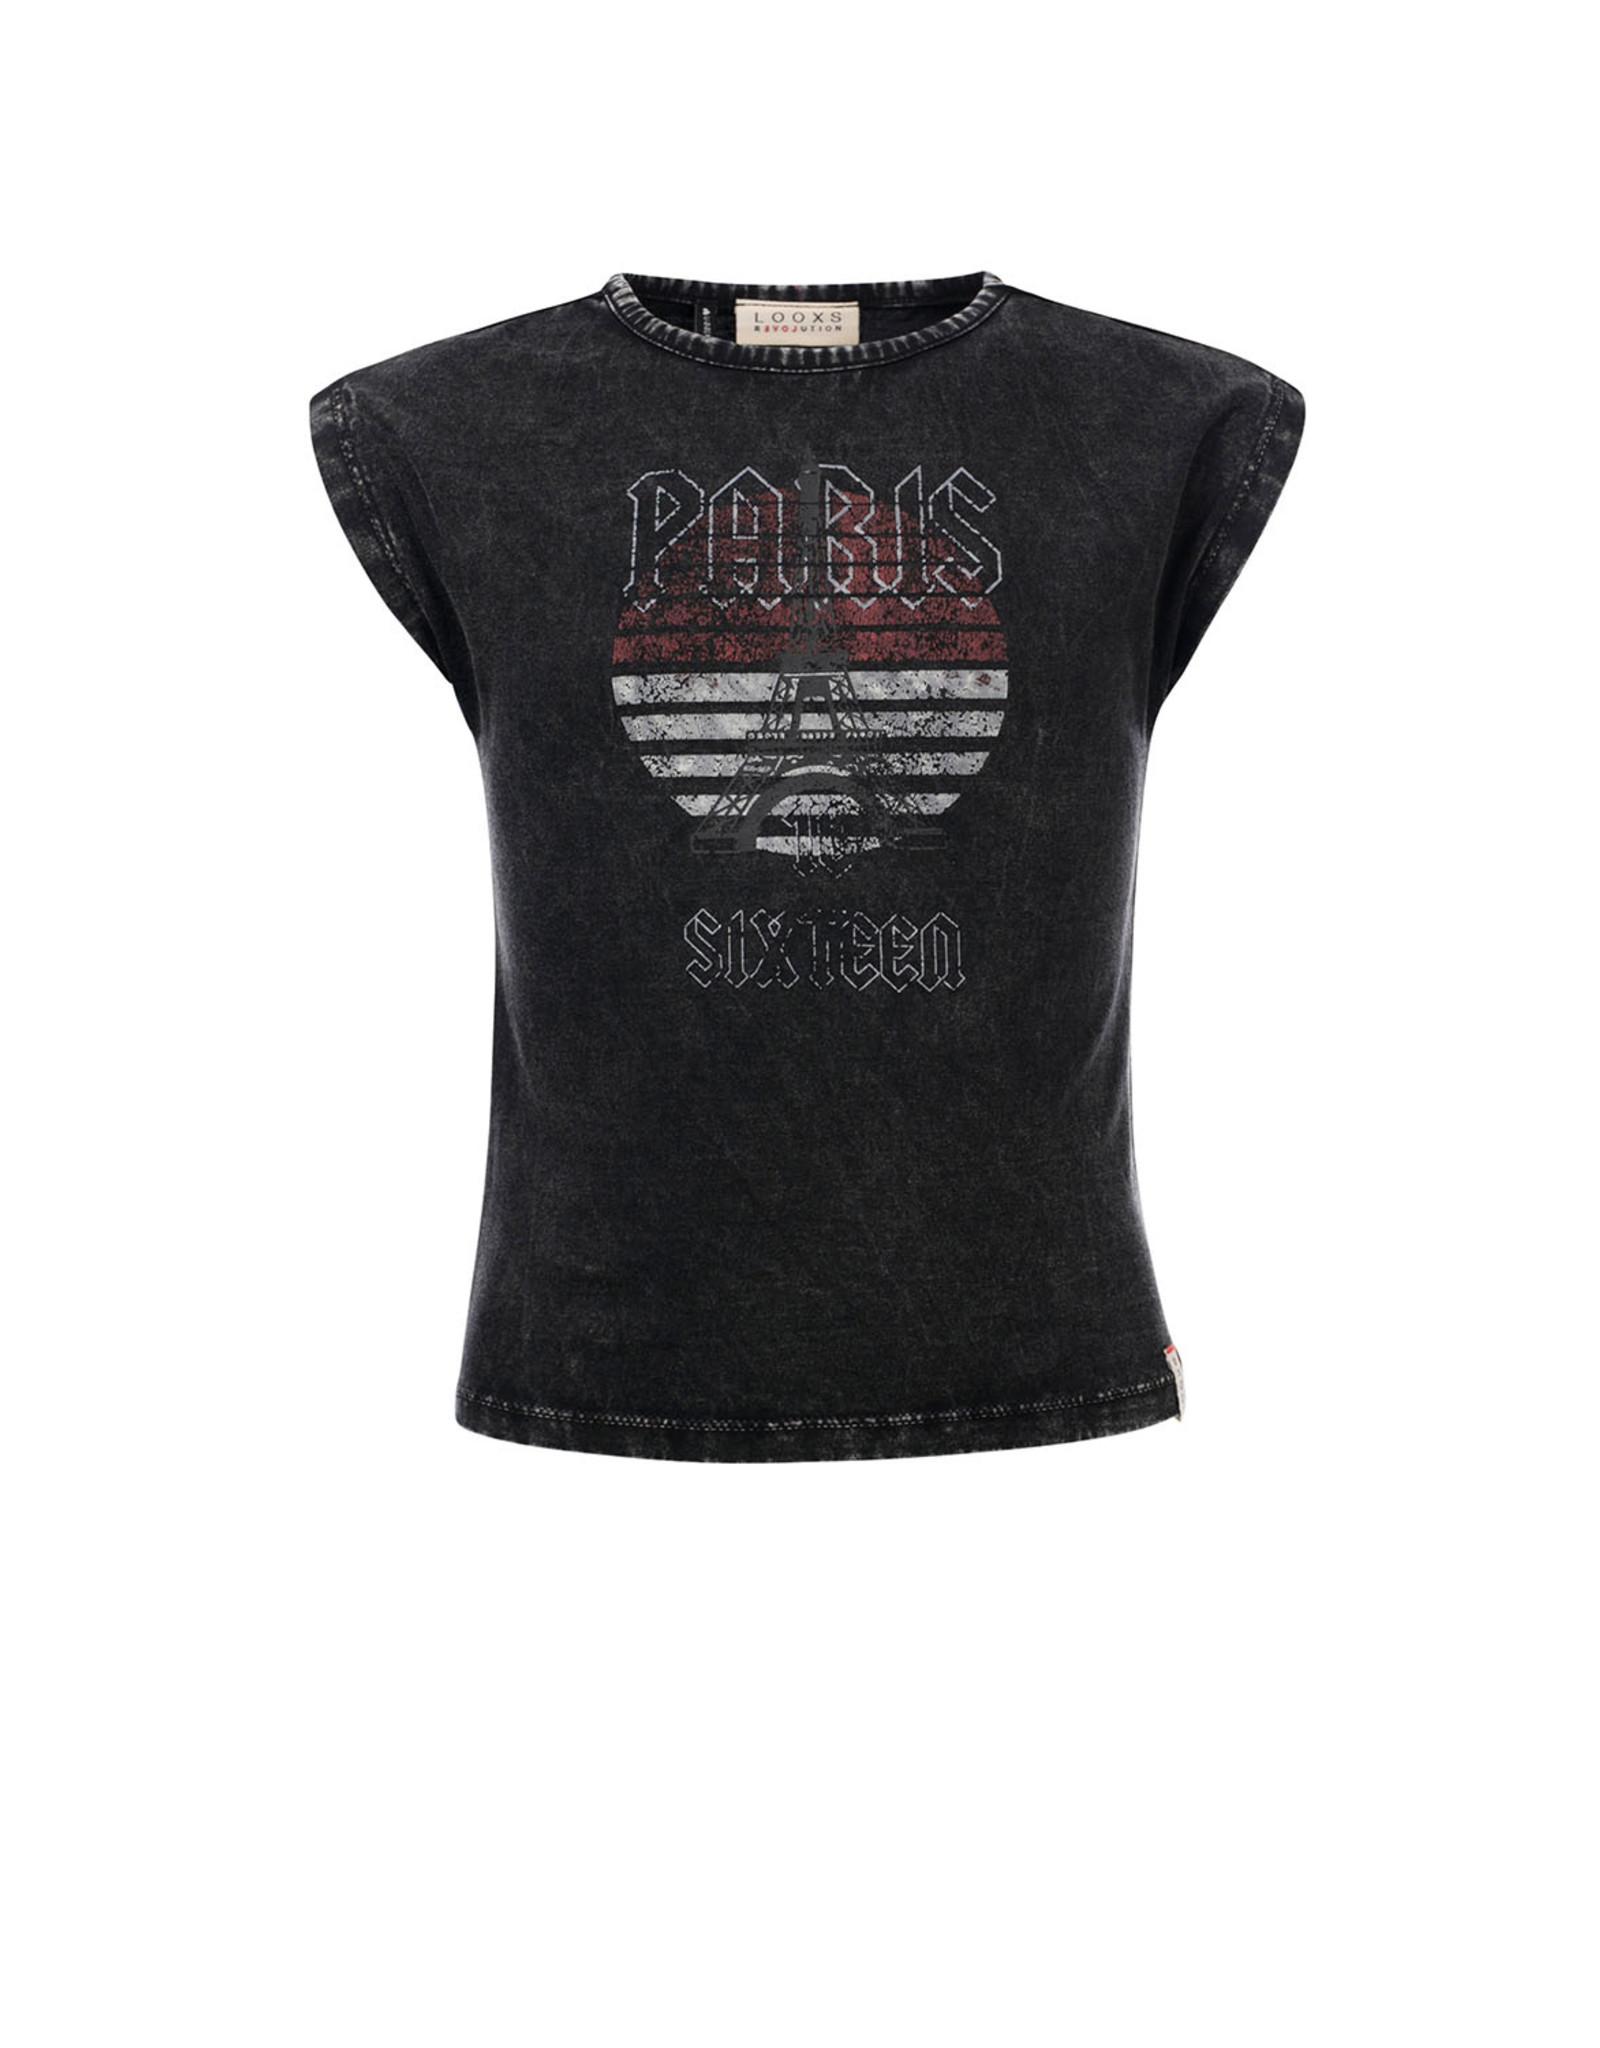 Looxs 10SIXTEEN 10Sixteen Acid wash T-shirt